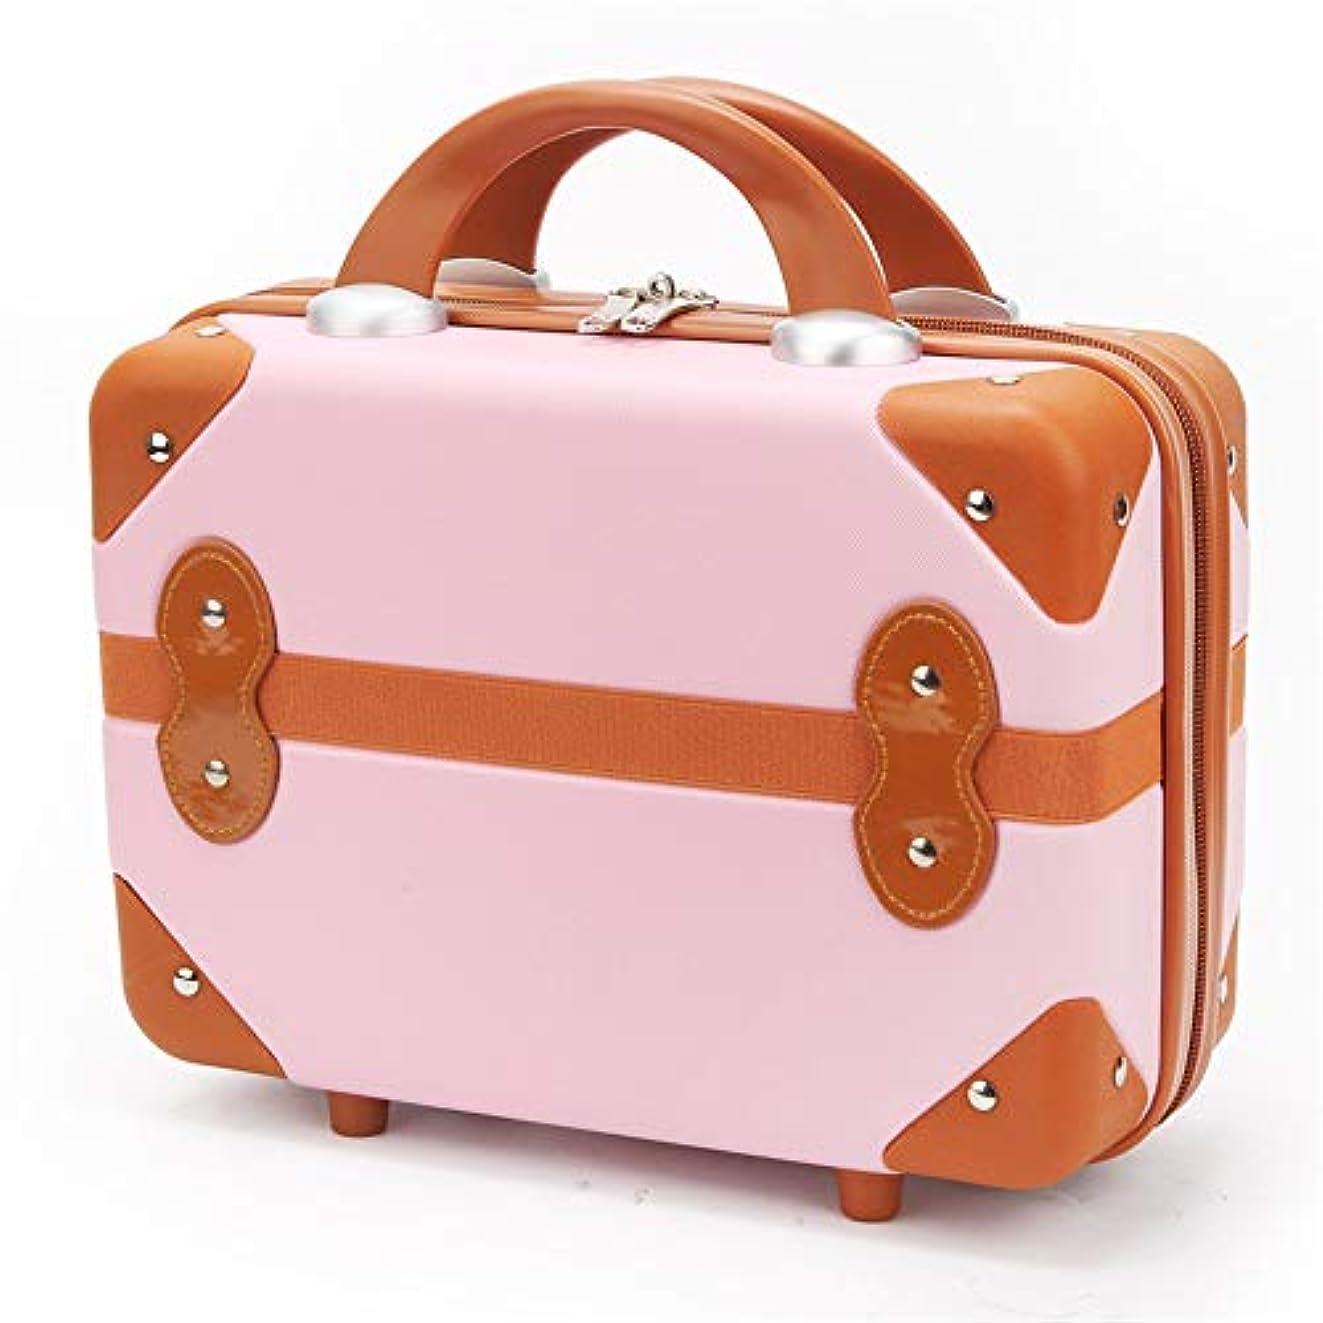 ウェブ再発するシロナガスクジラ化粧オーガナイザーバッグ 14インチのメイクアップトラベルバッグPUレター防水化粧ケースのティーン女の子の女性アーティスト 化粧品ケース